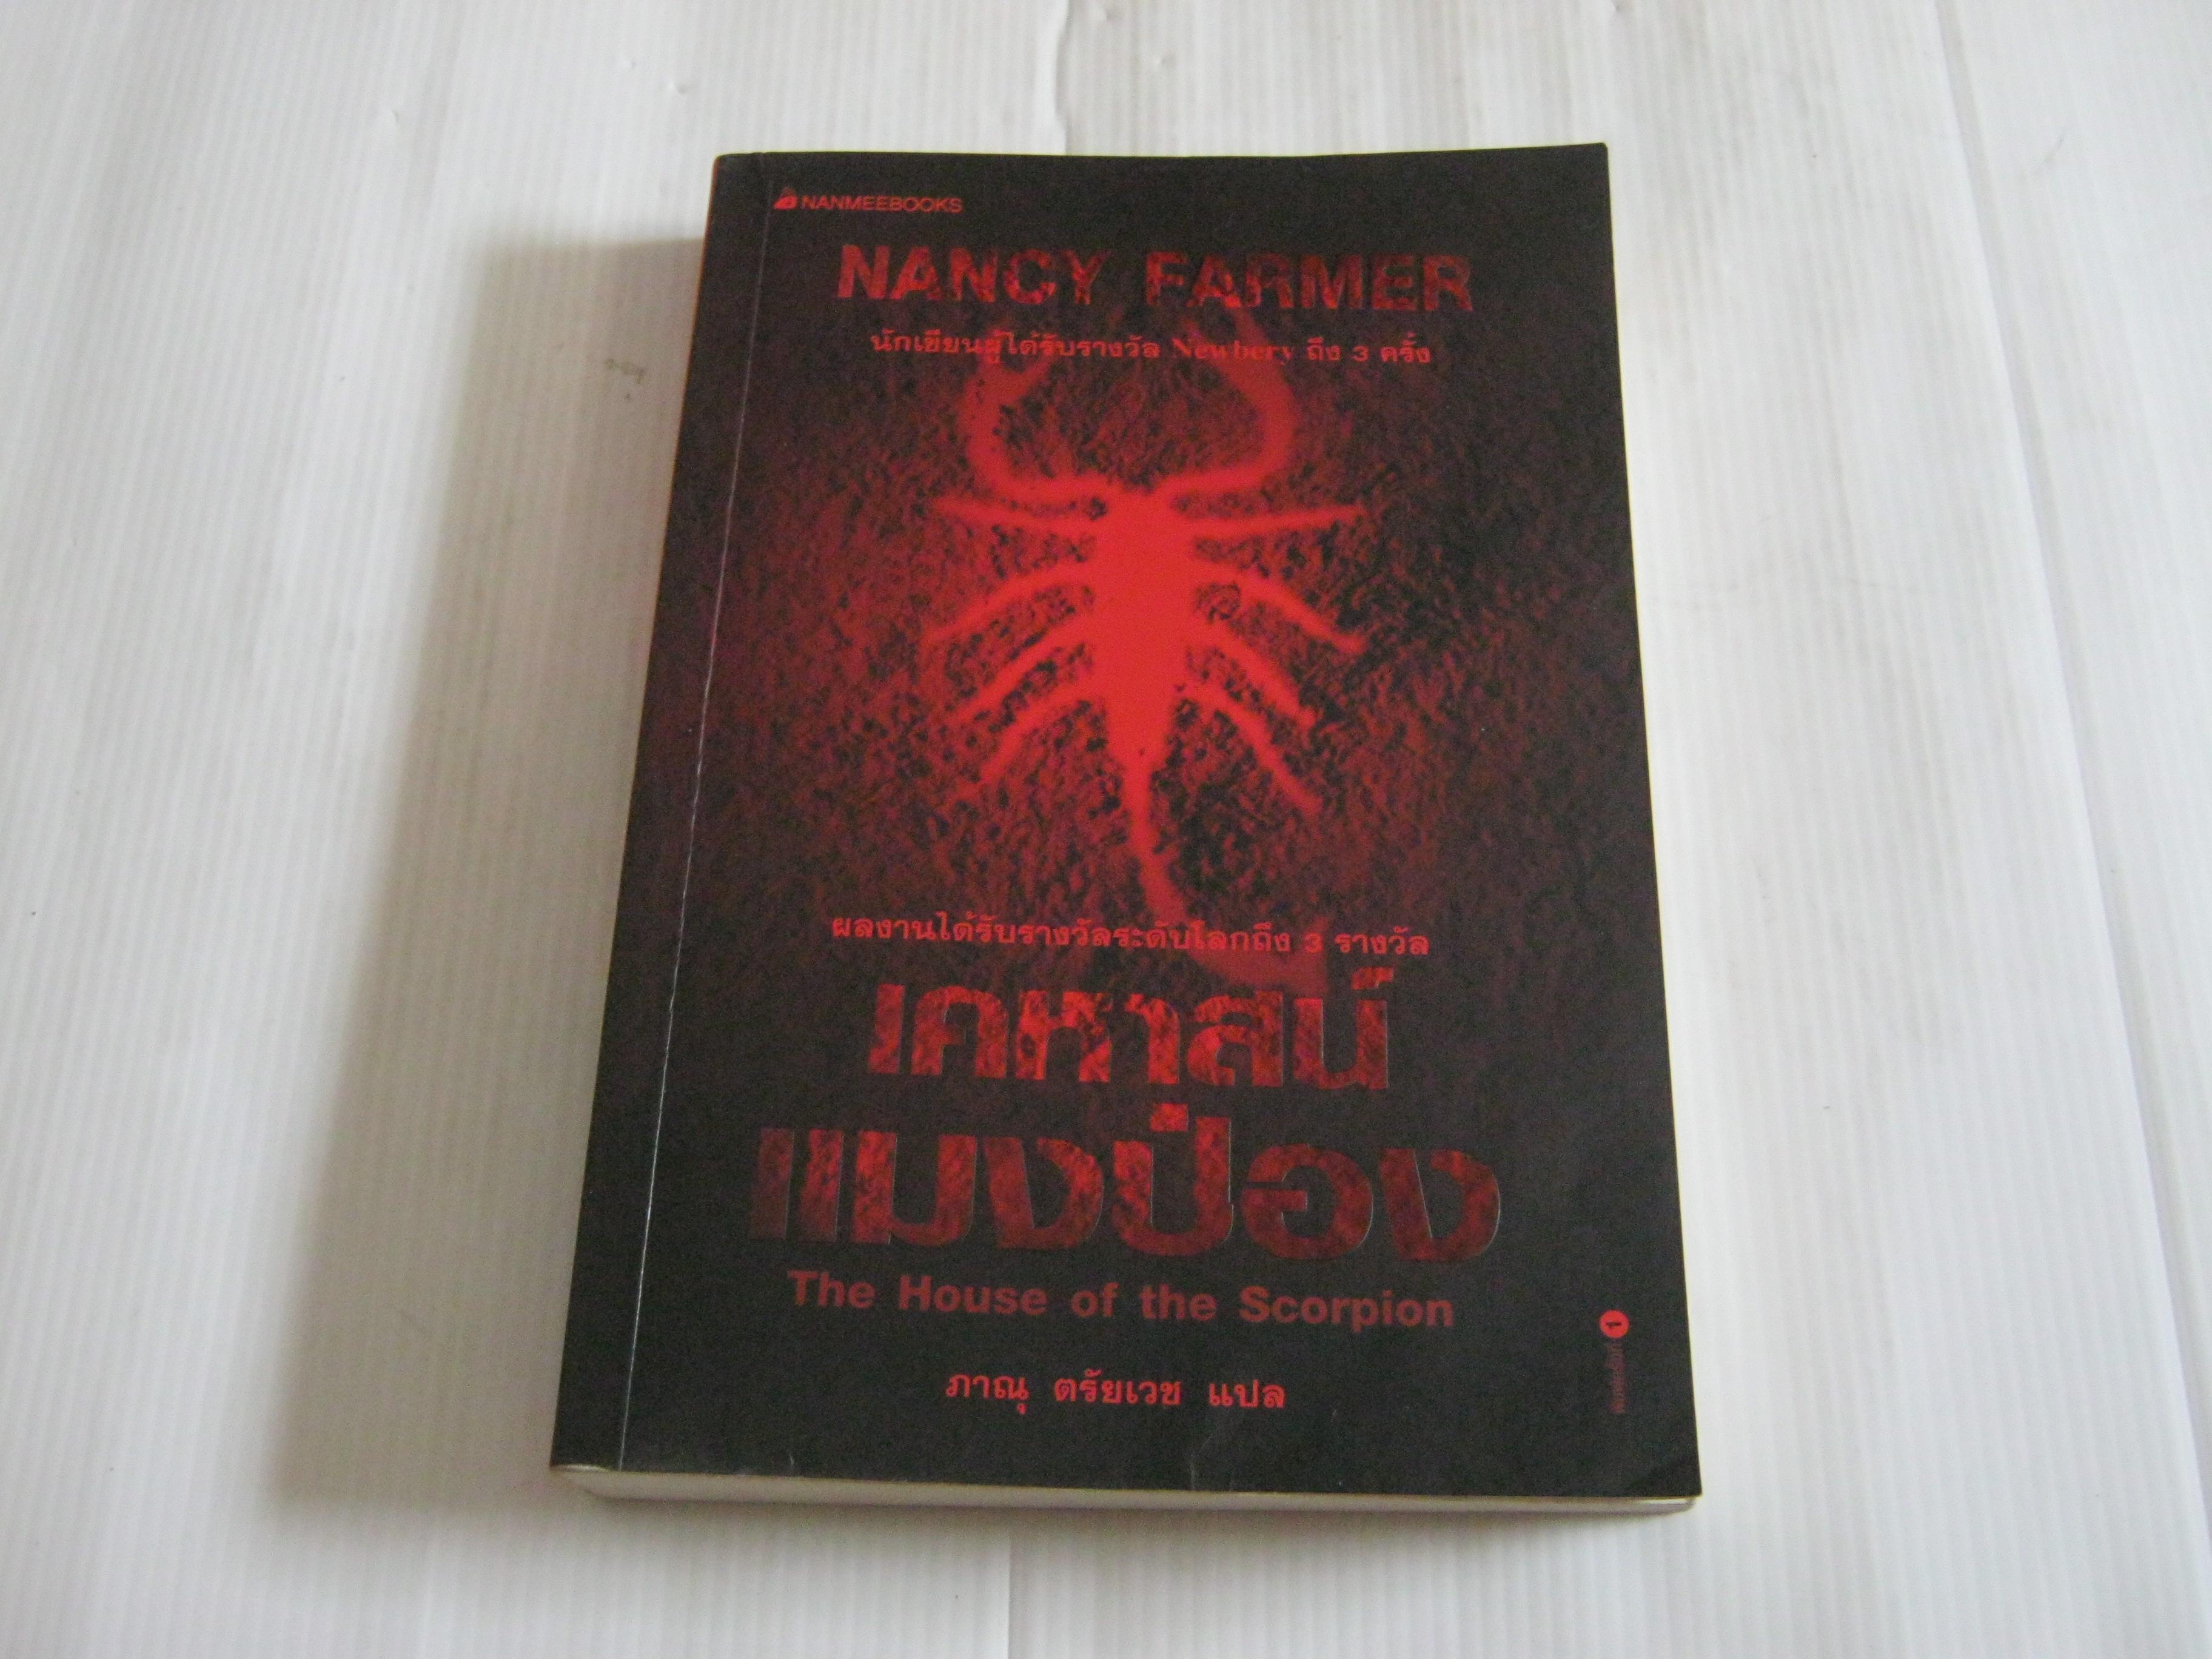 เคหาสน์แมงป่อง (The House of the Scorpion) Nancy Farmer เขียน ภาณุ ตรัยเวช แปล